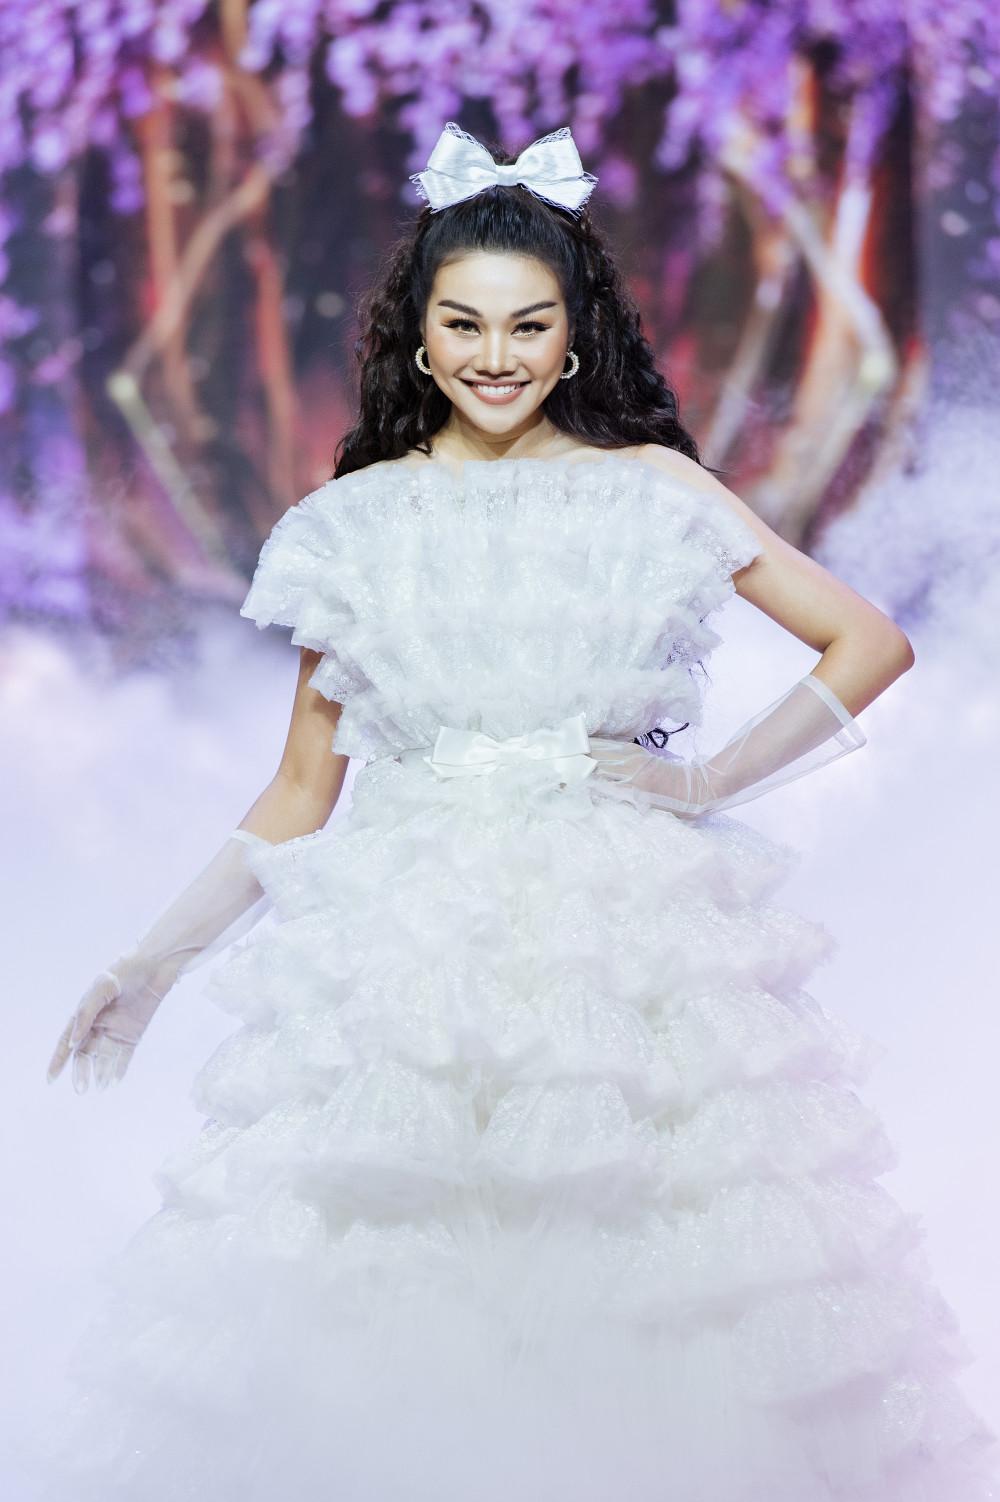 Trái ngược với phong cách cá tính và mạnh mẽ thường thấy, Thanh Hằng bất ngờ hóa thành nàng công chúa kiêu kỳ, trong bộ cánh xếp tầng có cấu trúc độc đáo.